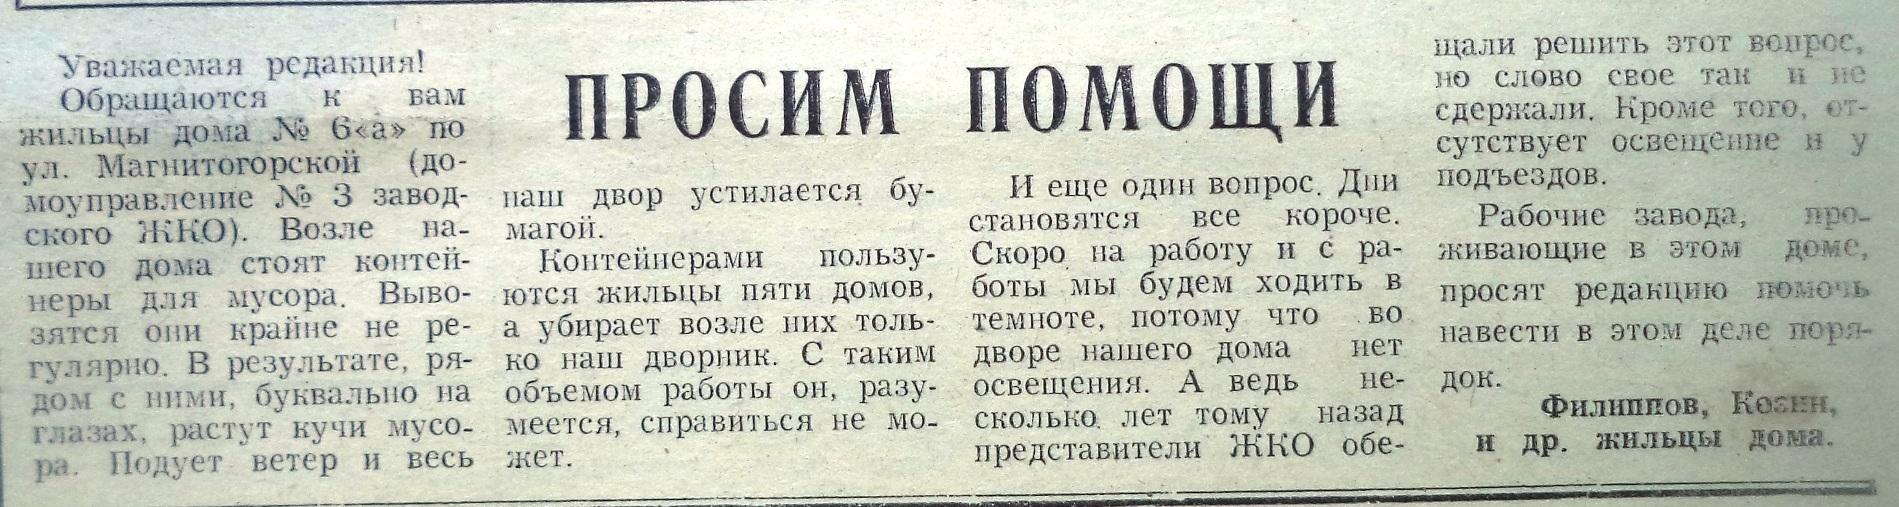 ФОТО-Магнитогорская-16-Красное Знамя-1983-31 октября